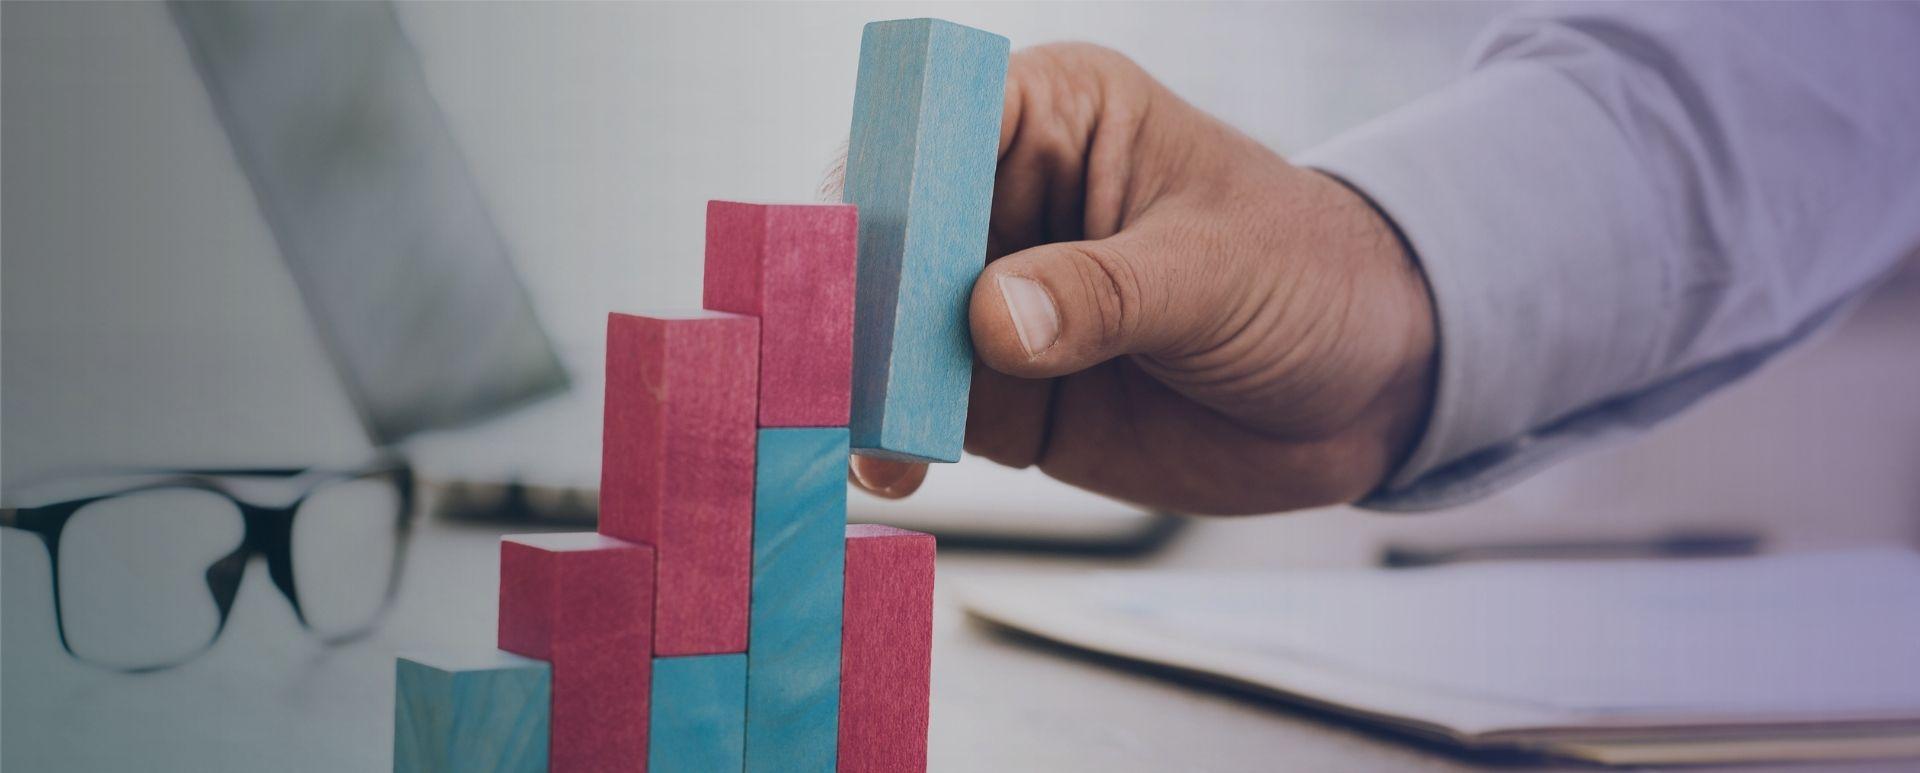 5-errori-che-stanno-rallentando-crescita-della-tua-azienda